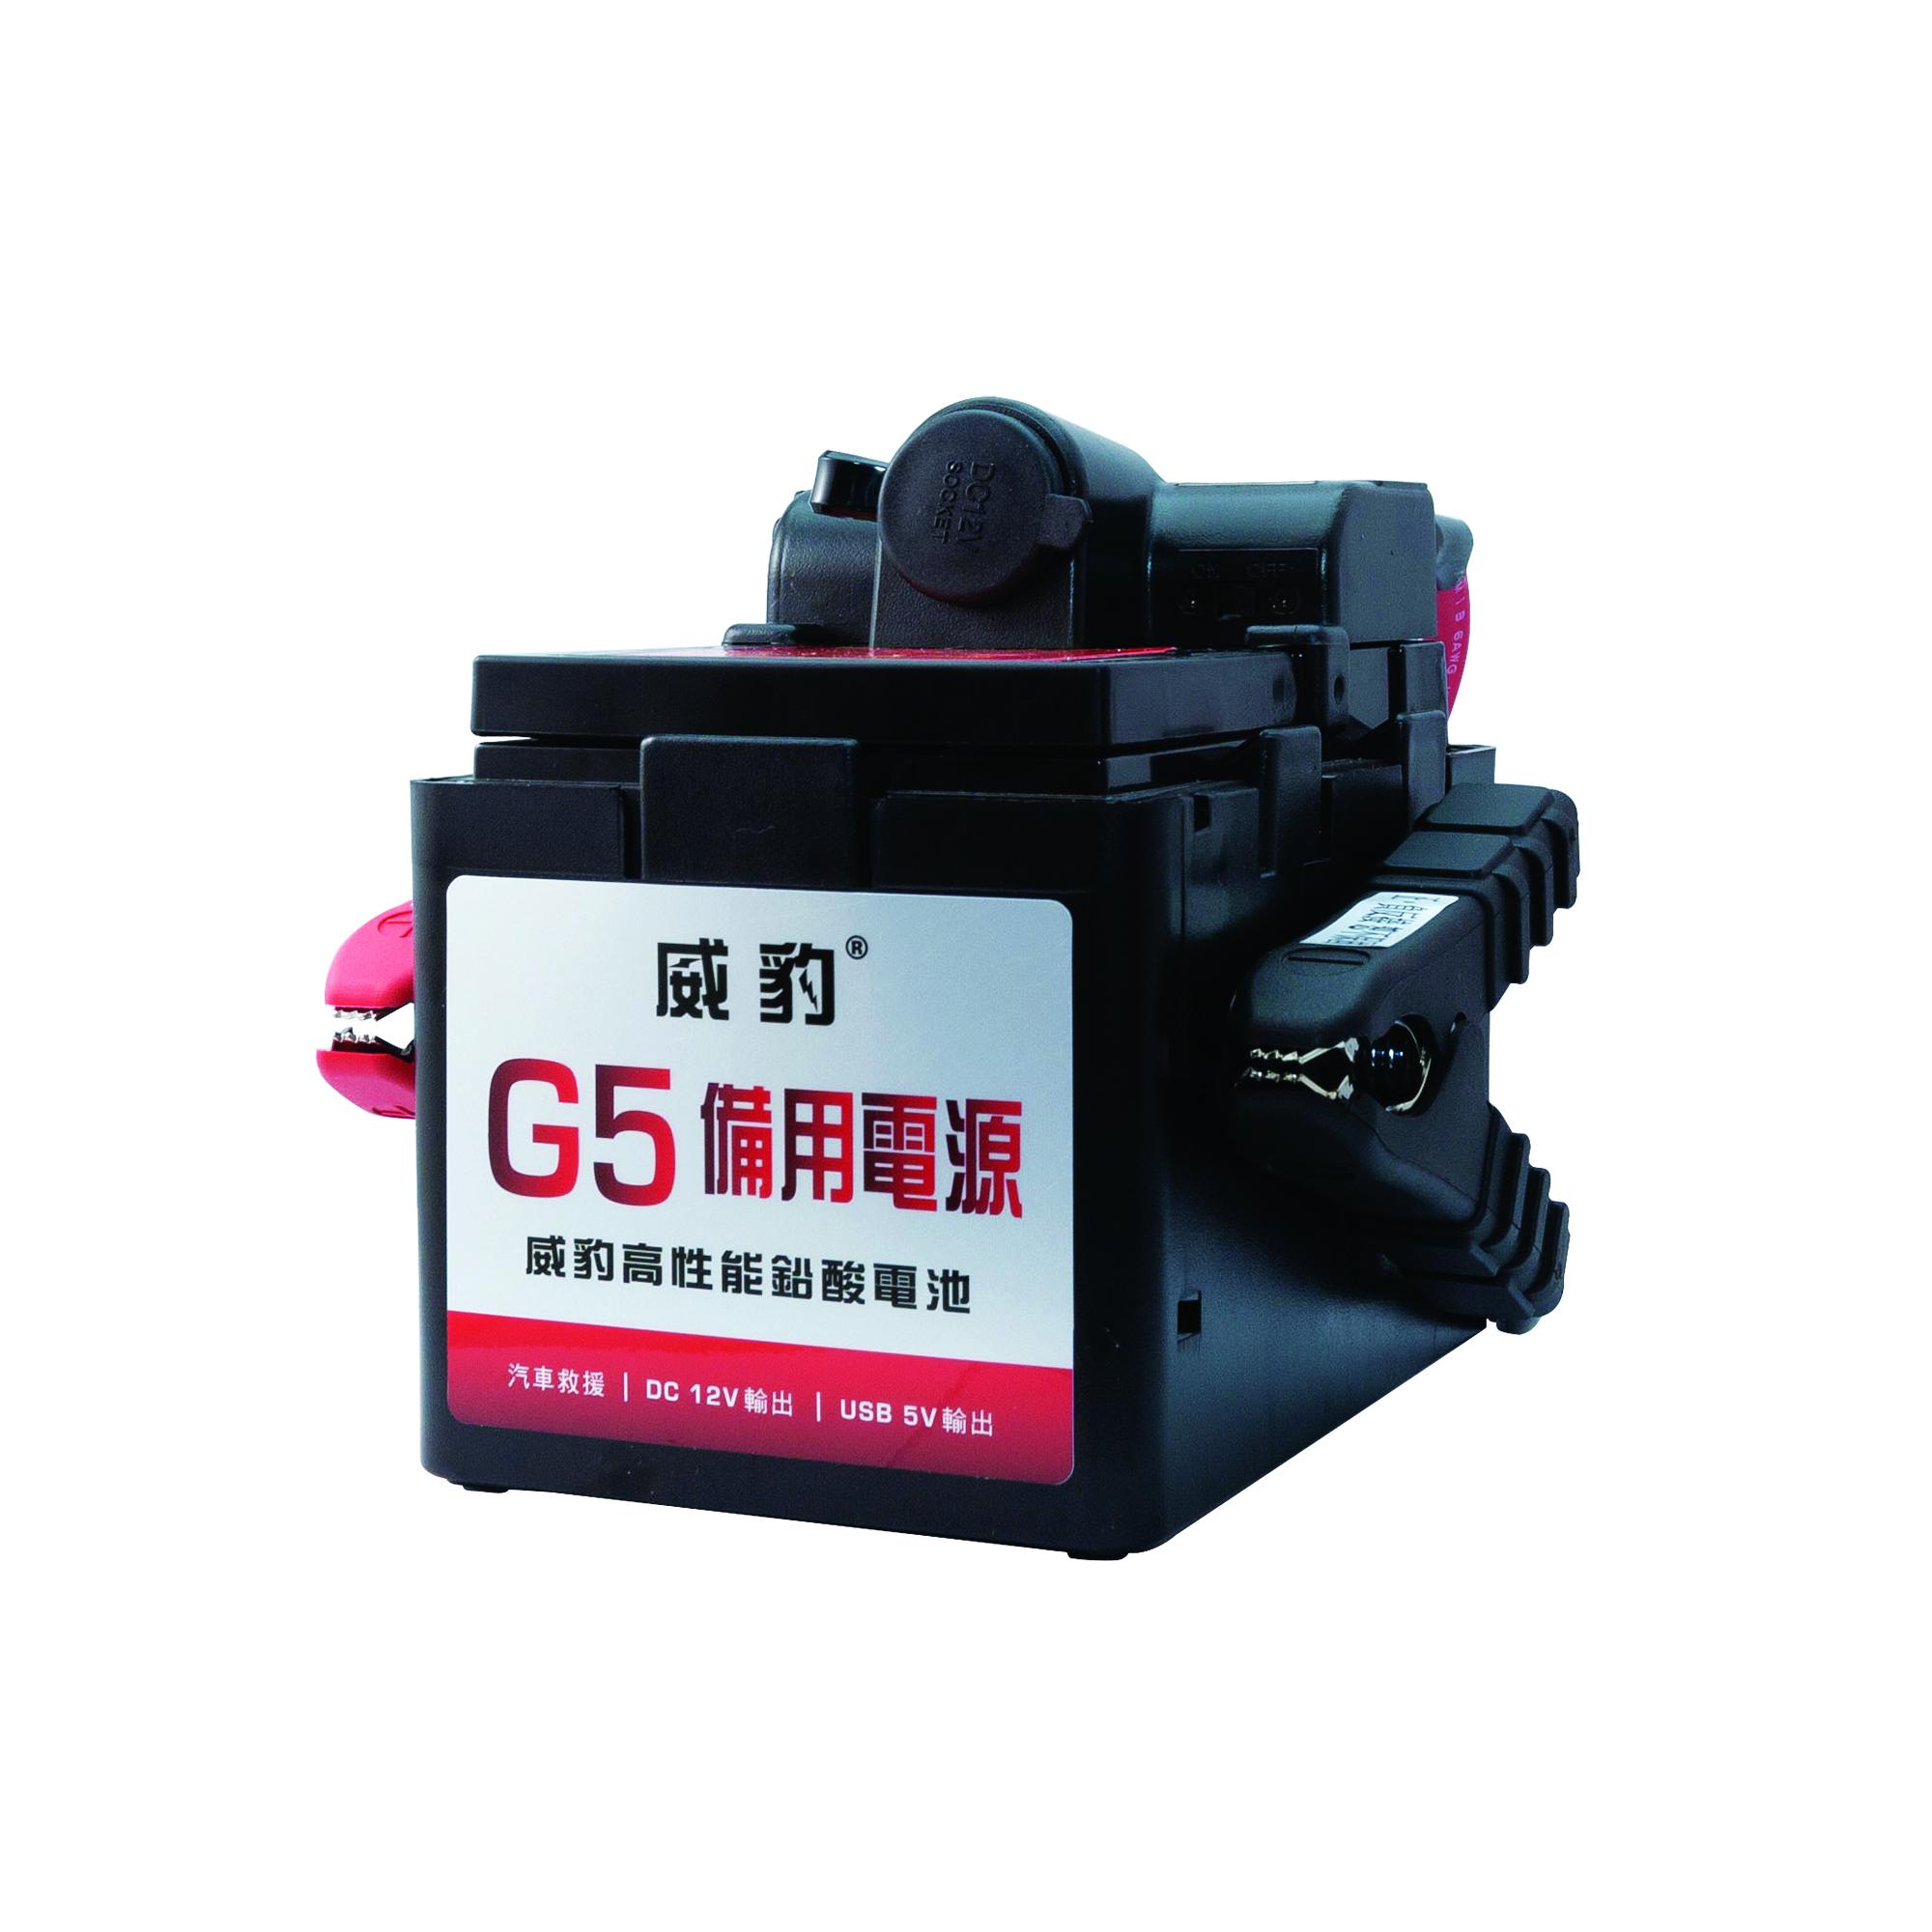 G5N02 High Power Mini Jumper/Jump Starter/Emergency Car Starter